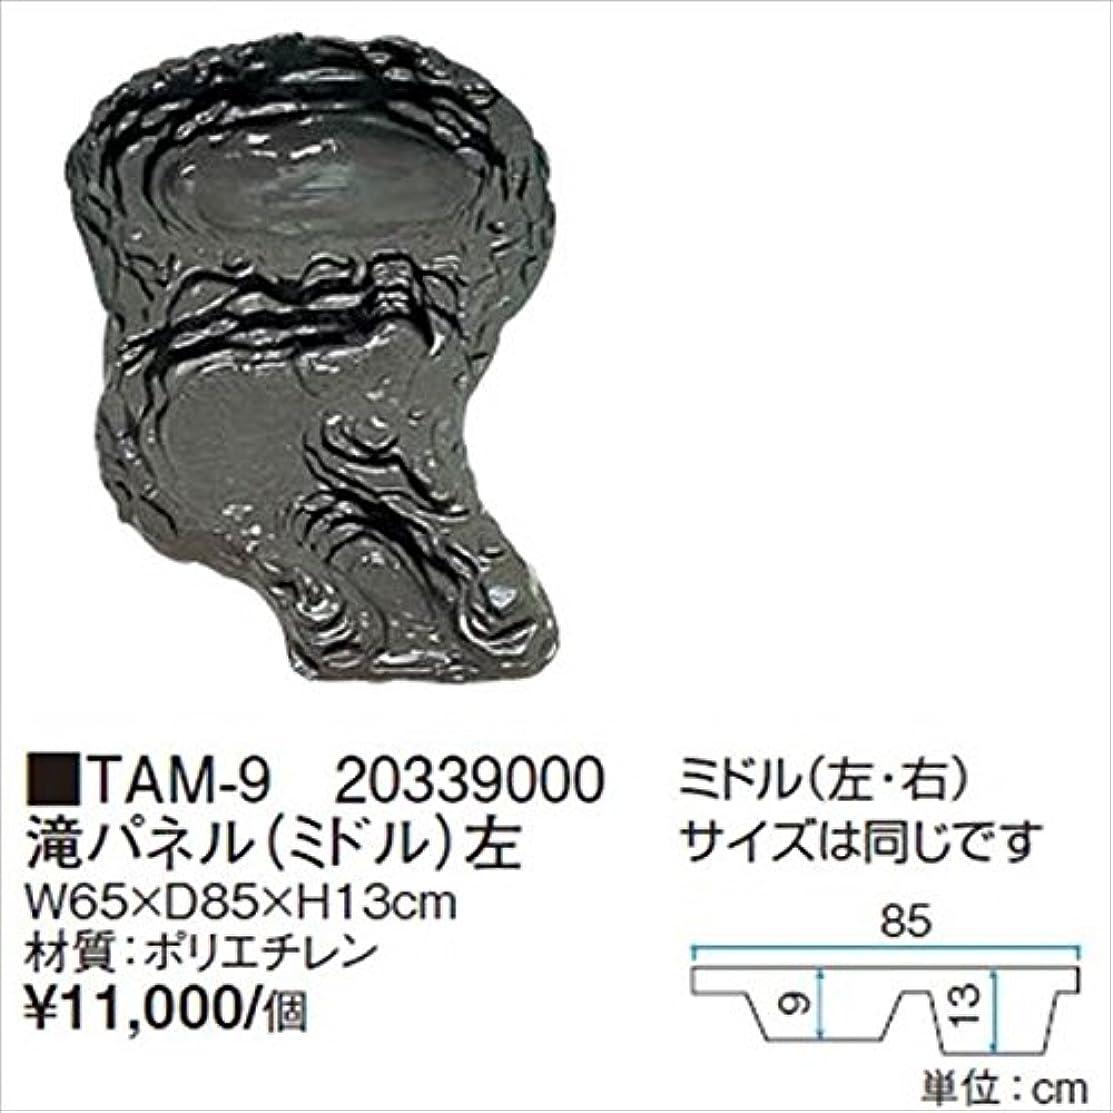 苦行未接続豊富なタカショー ウォーターガーデン 滝パネル ミドル 左 TAM-9 『ガーデニングDIY部材』